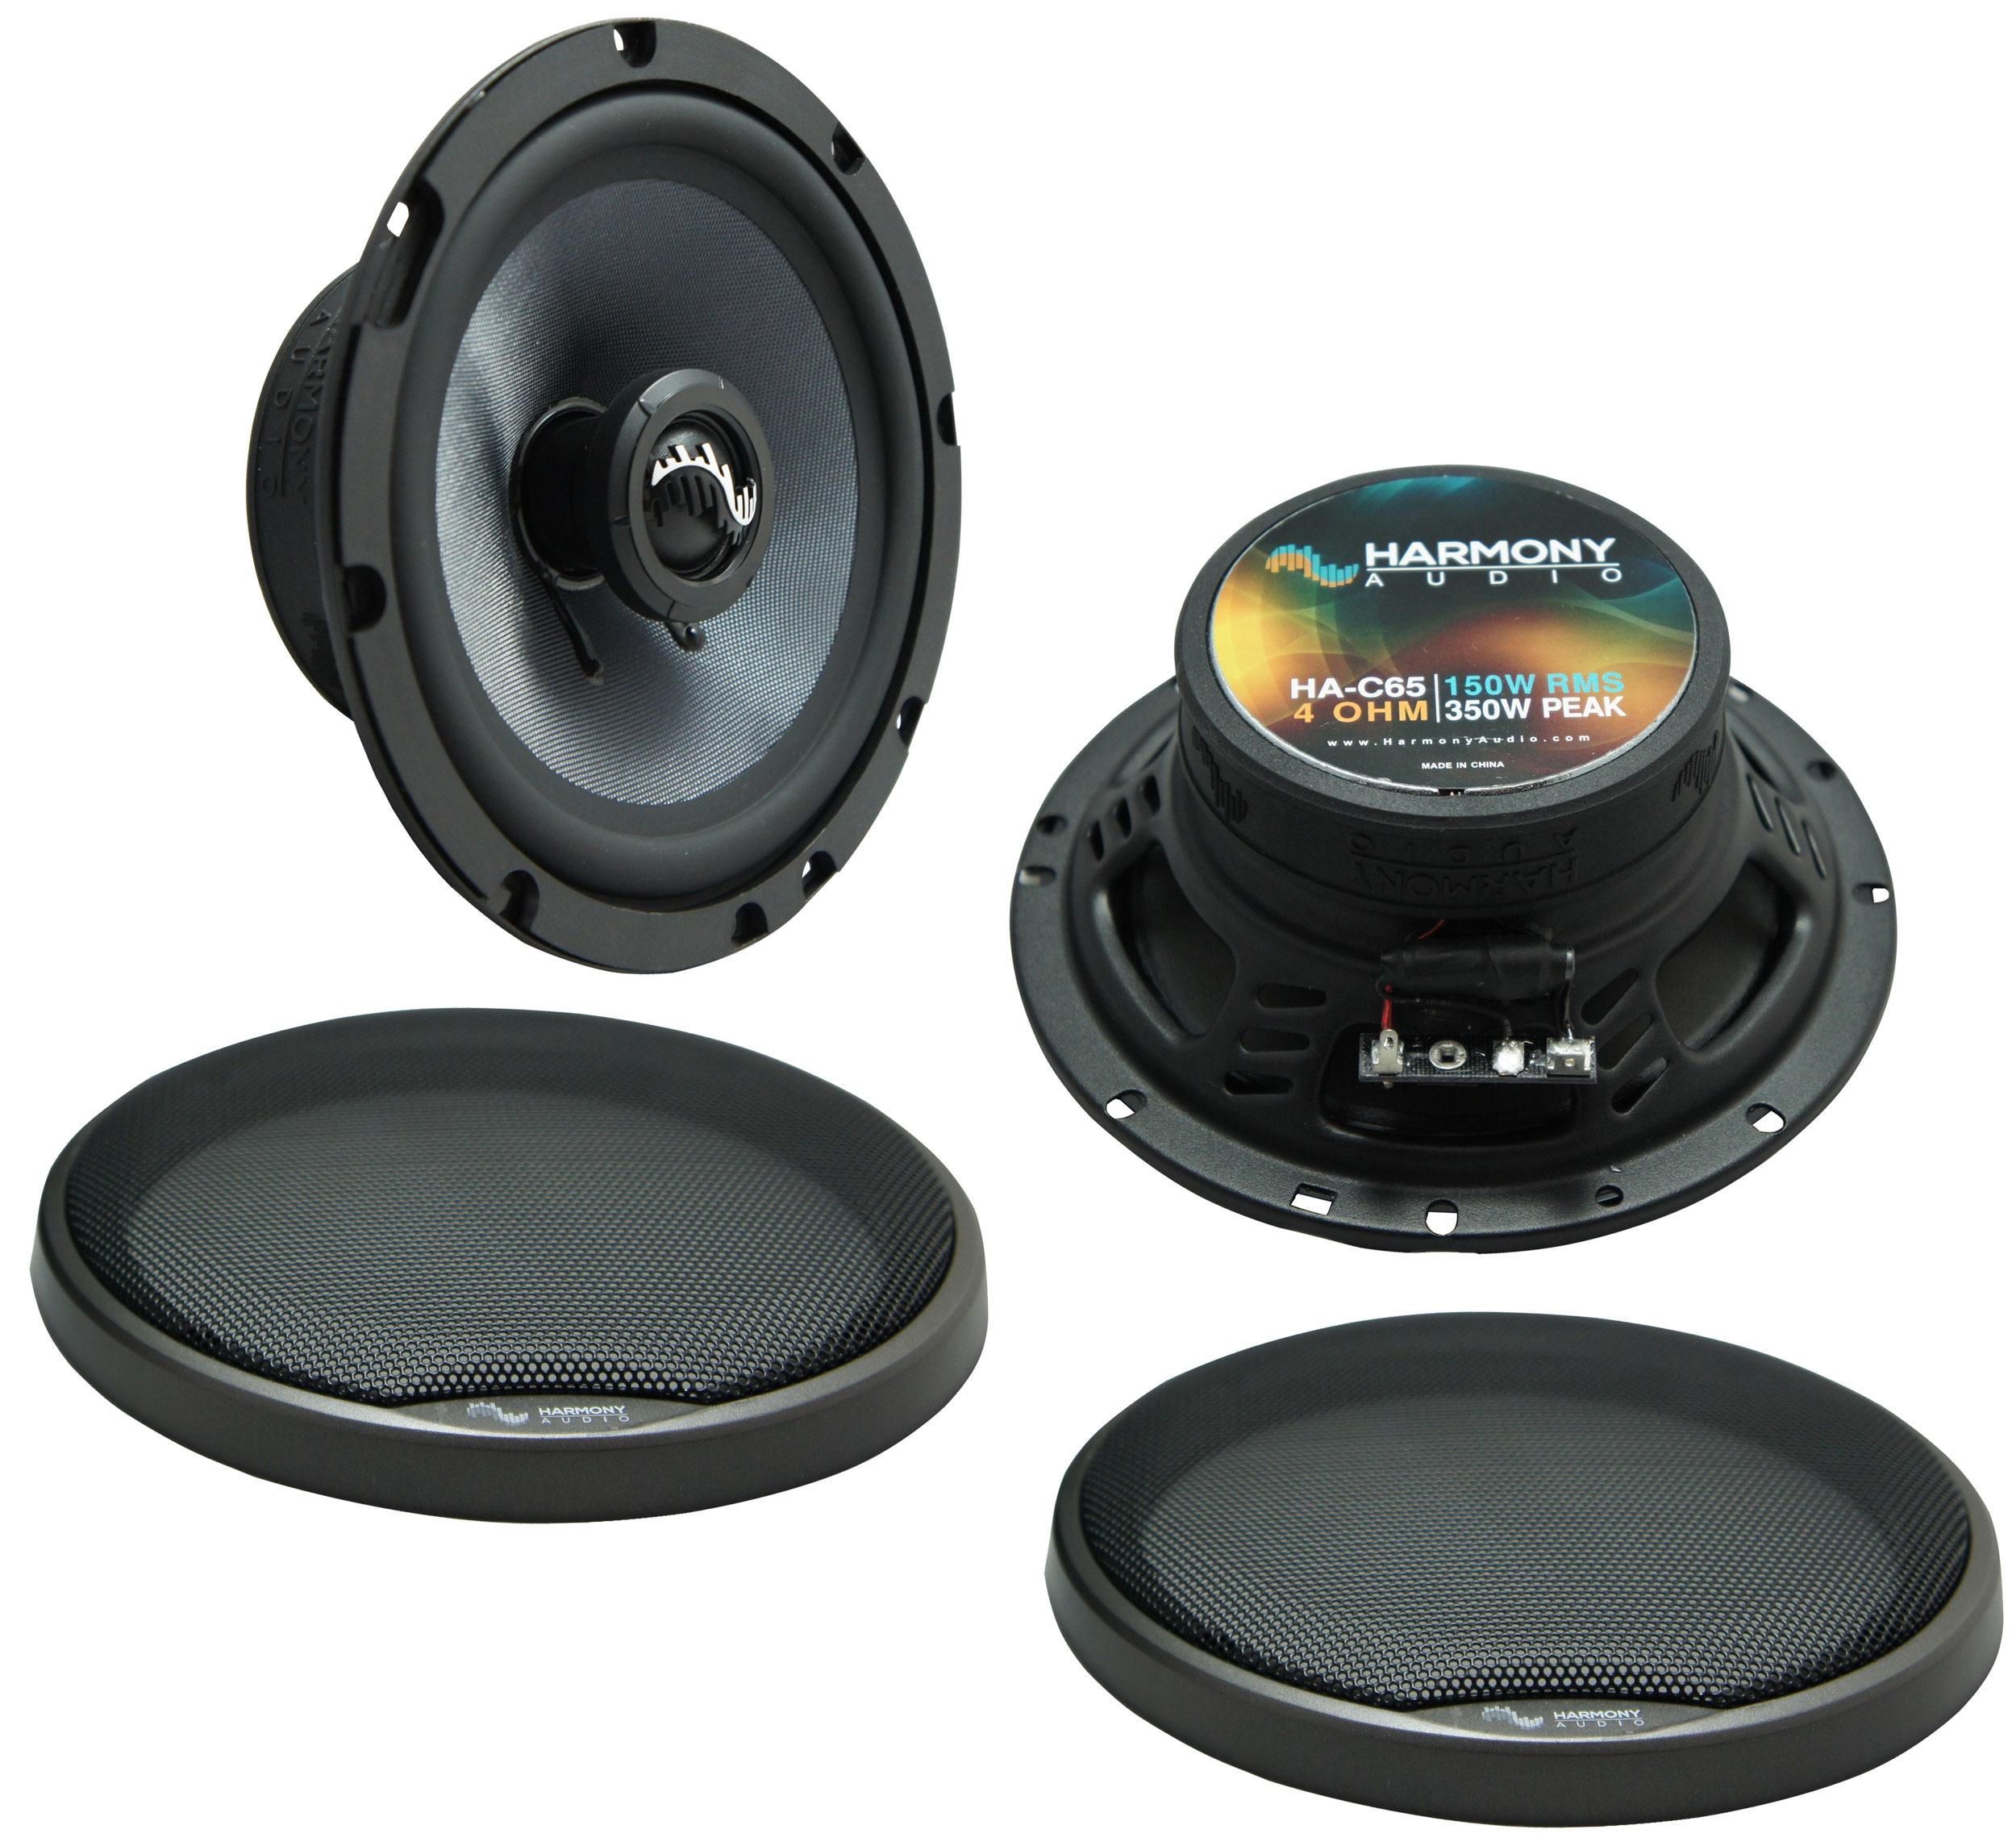 Fits BMW X1 2013-2015 Front Door Replacement Speaker Harmony HA-C65 Premium Speakers New